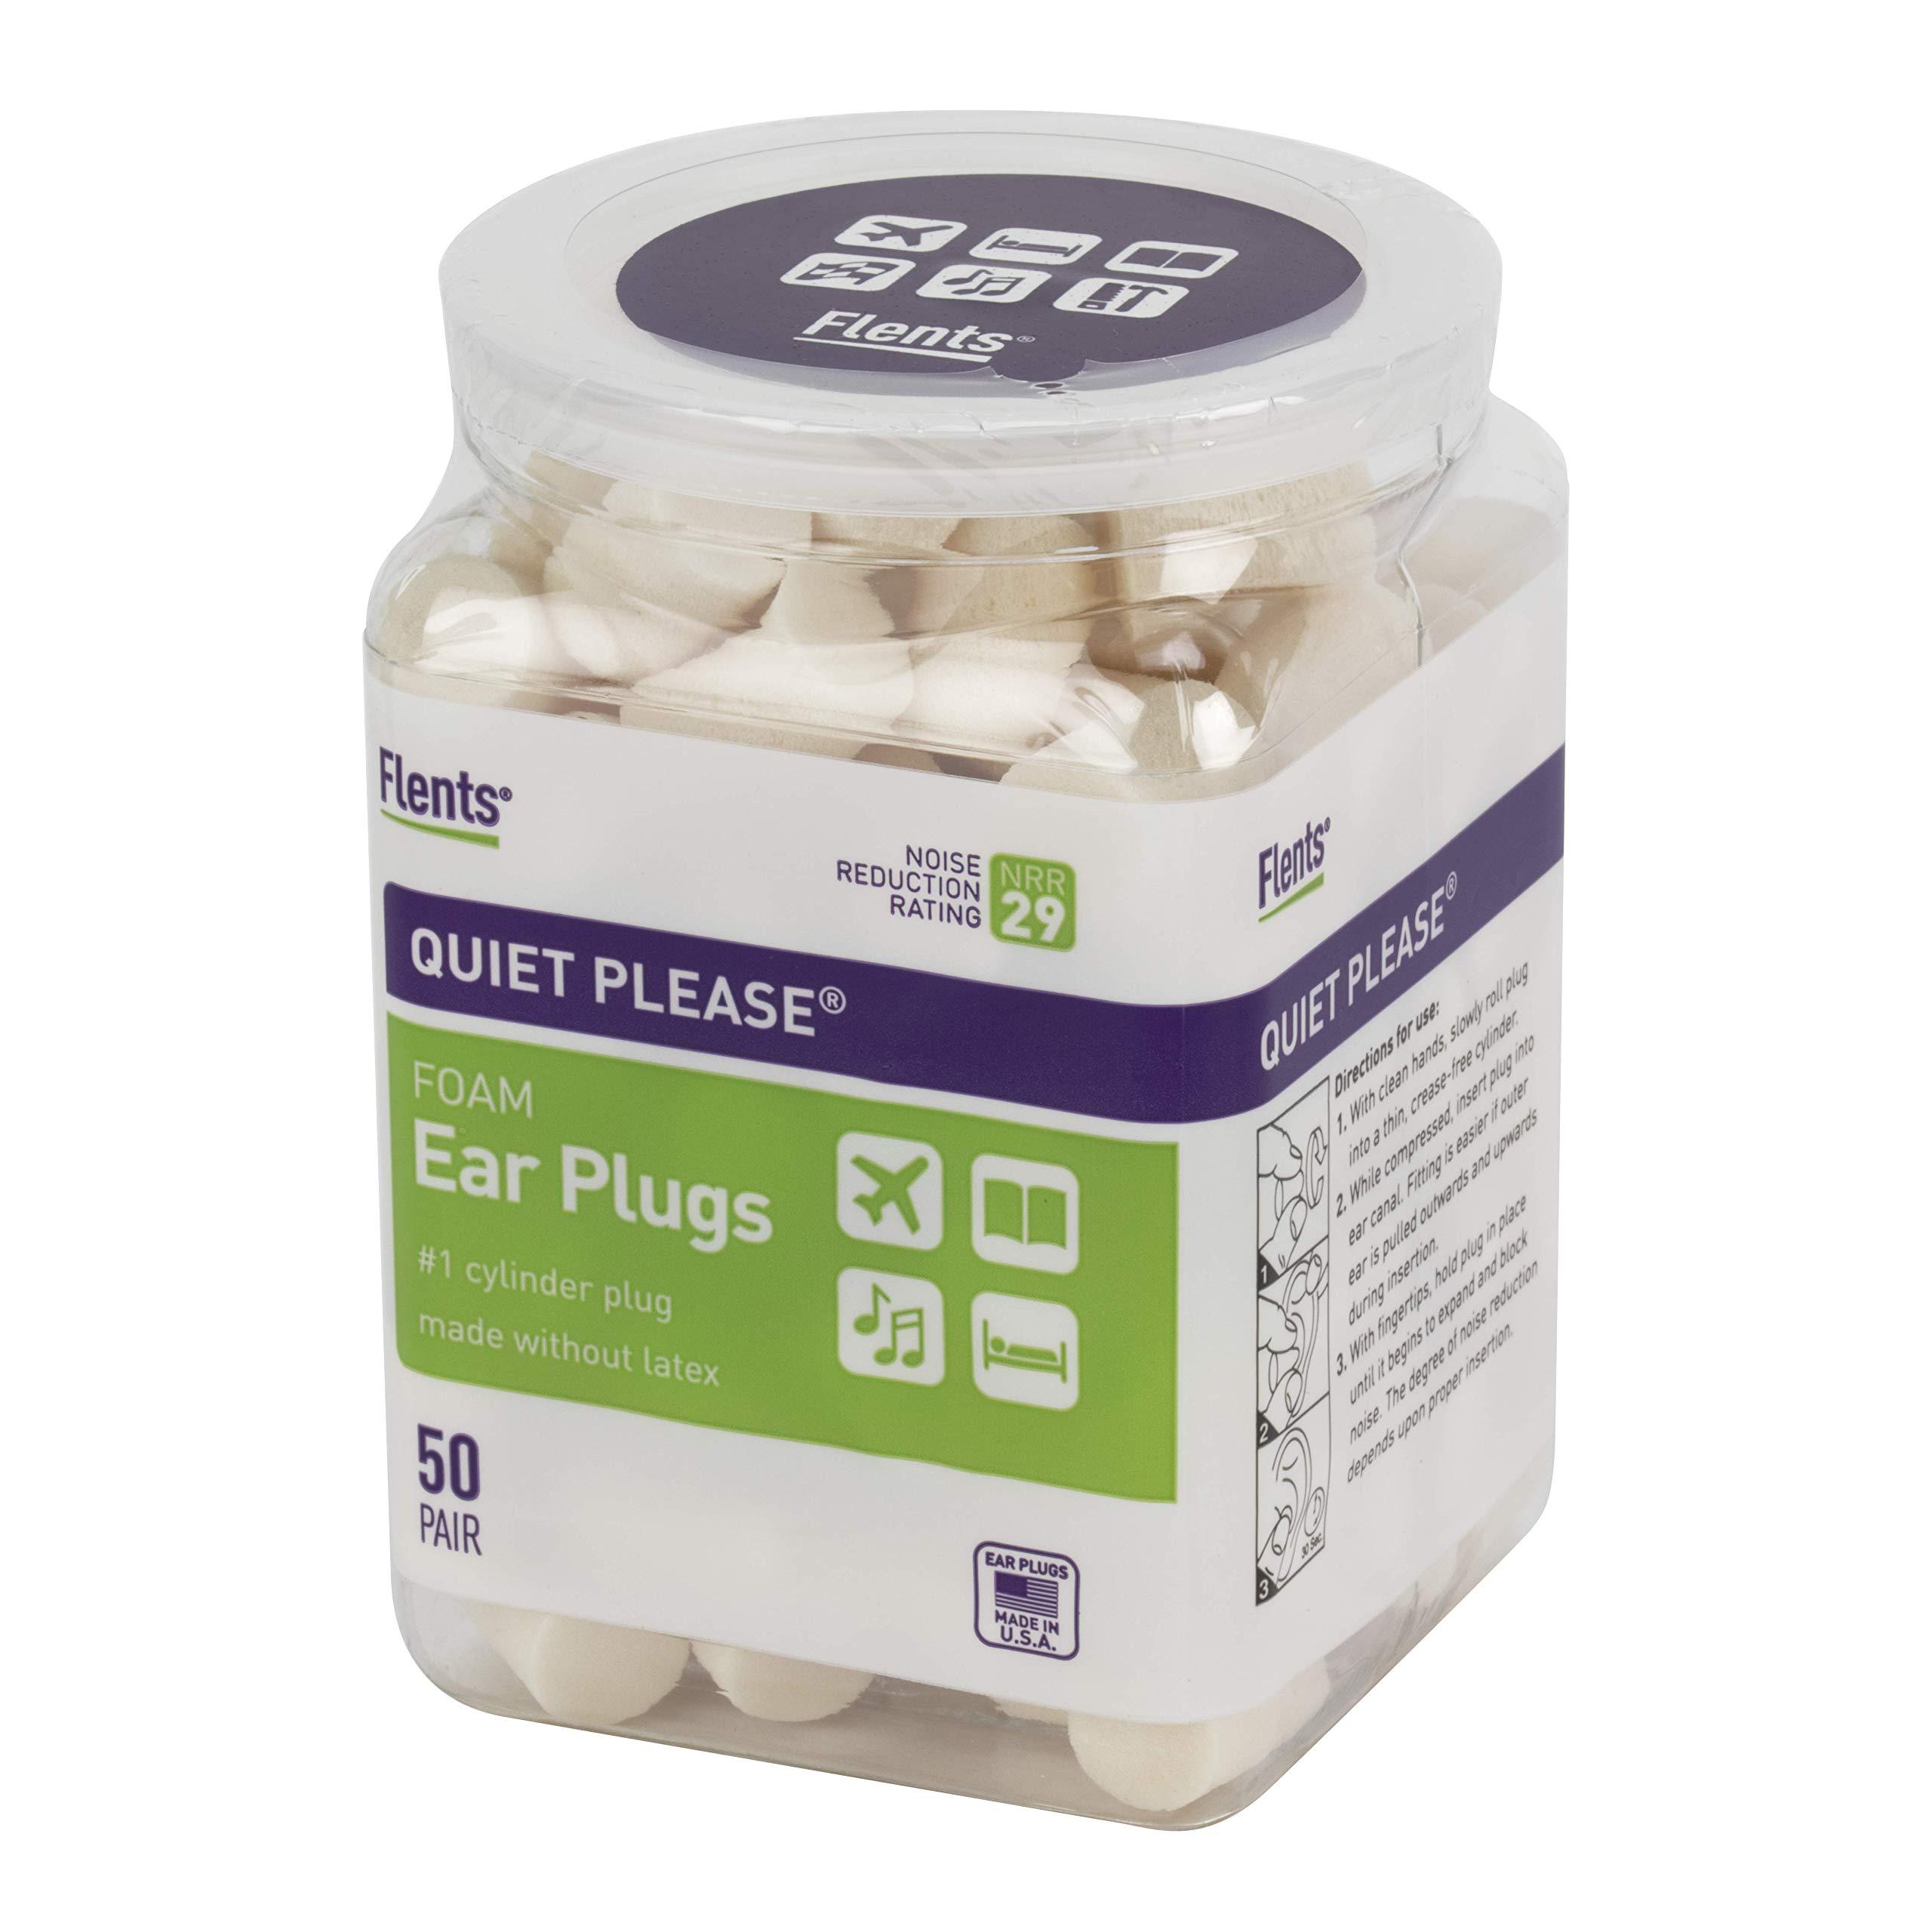 Flents Quiet Please Ear Plugs (50 Pair) NRR 29 by Flents